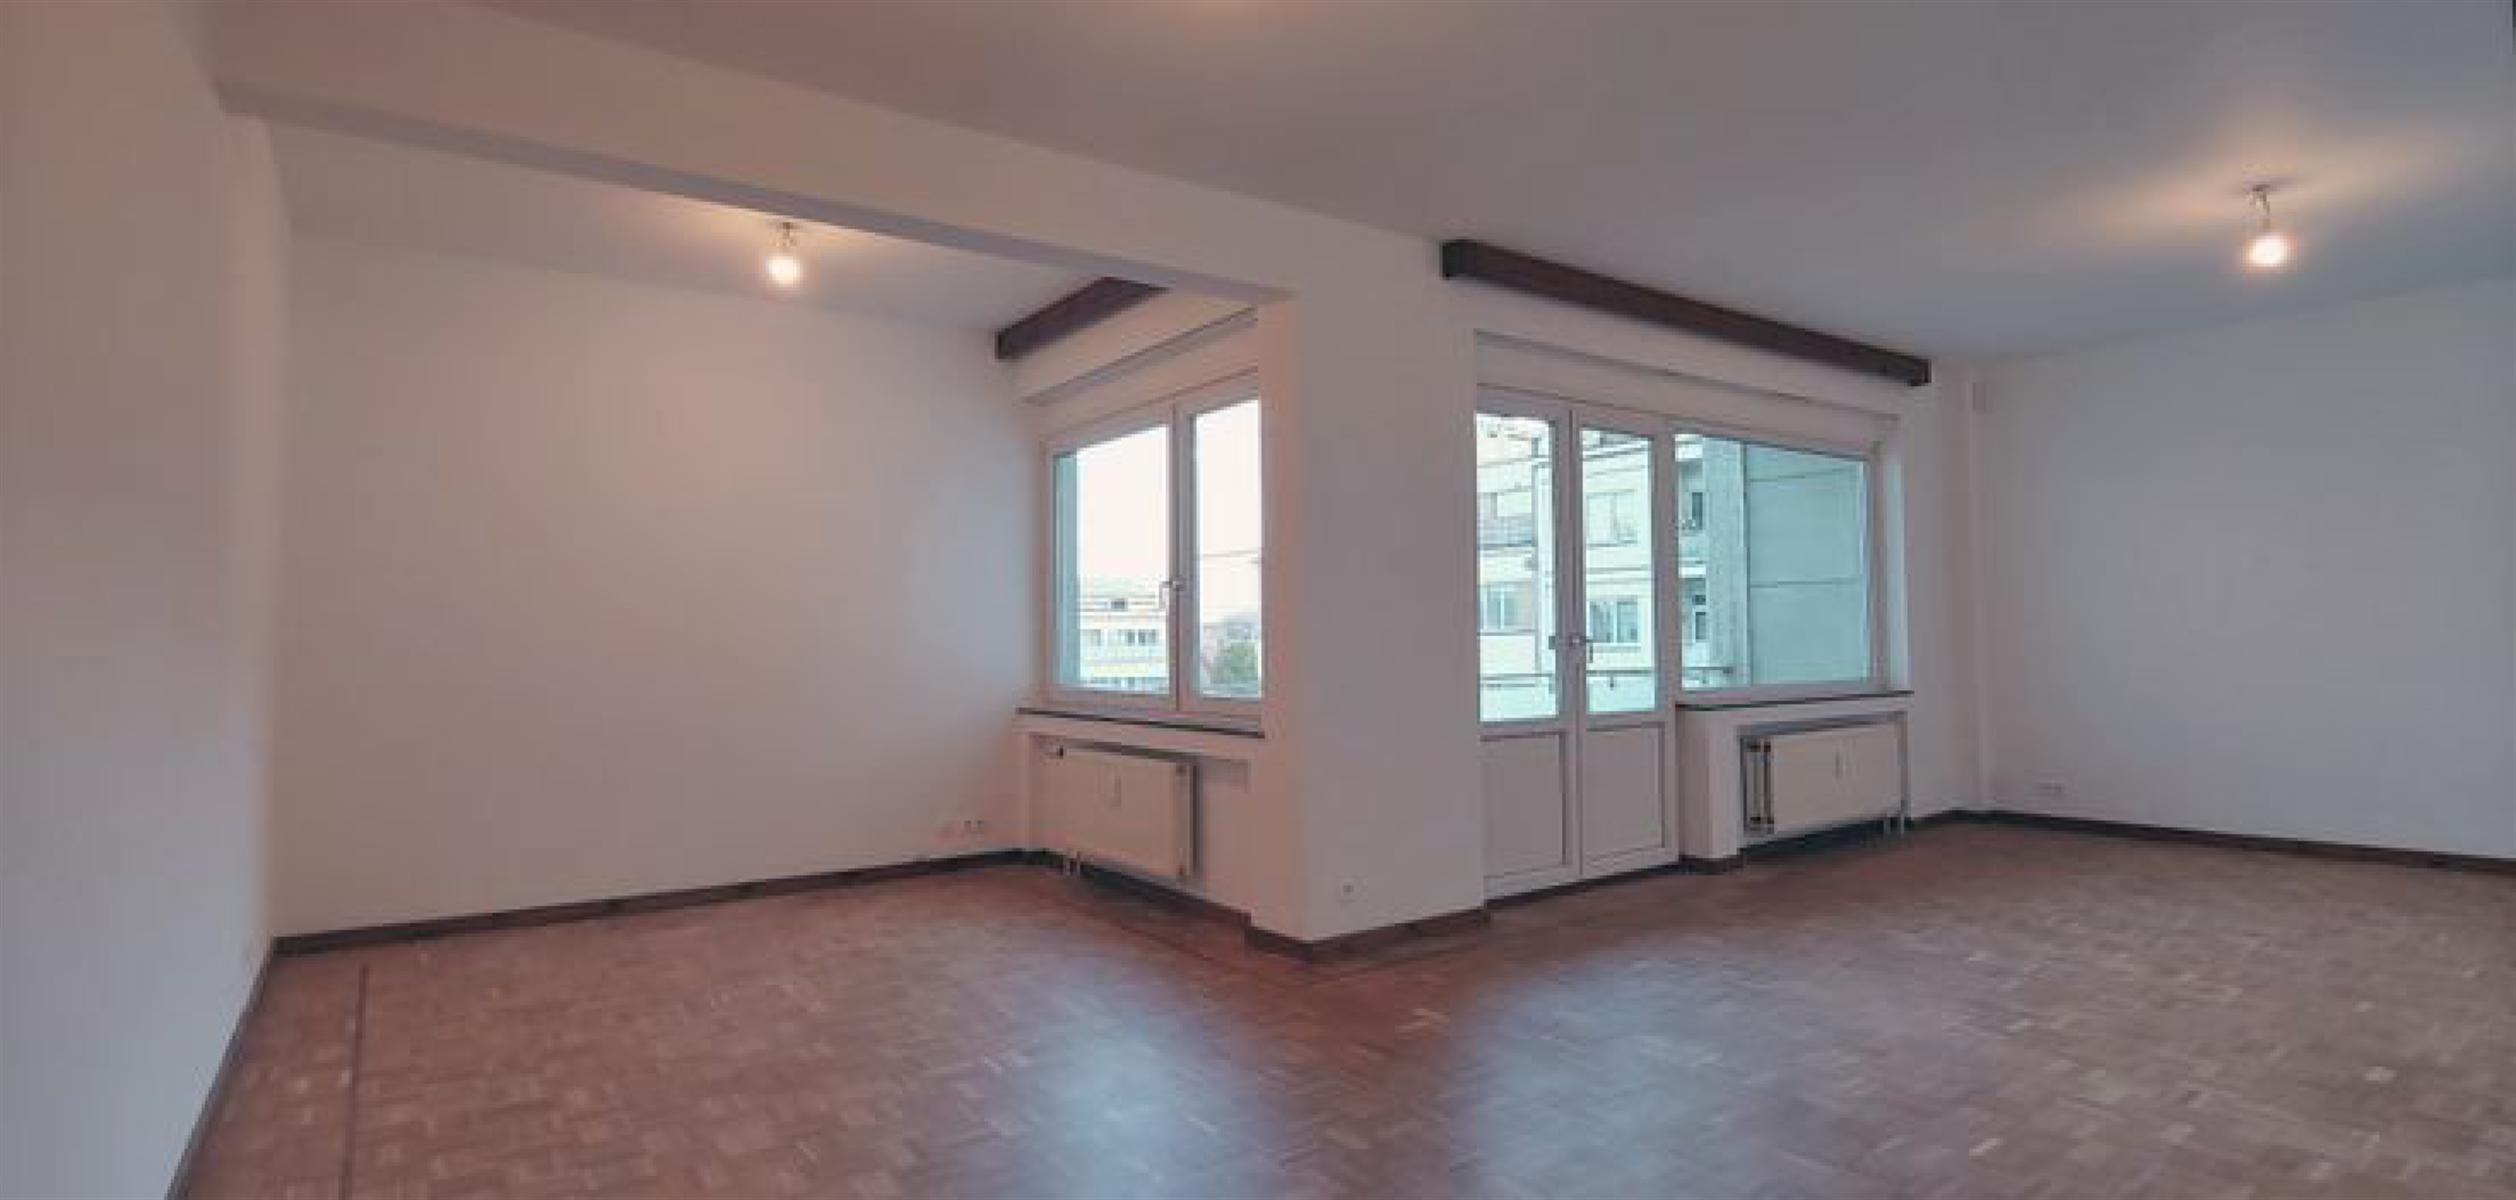 Appartement - Etterbeek - #4526474-1